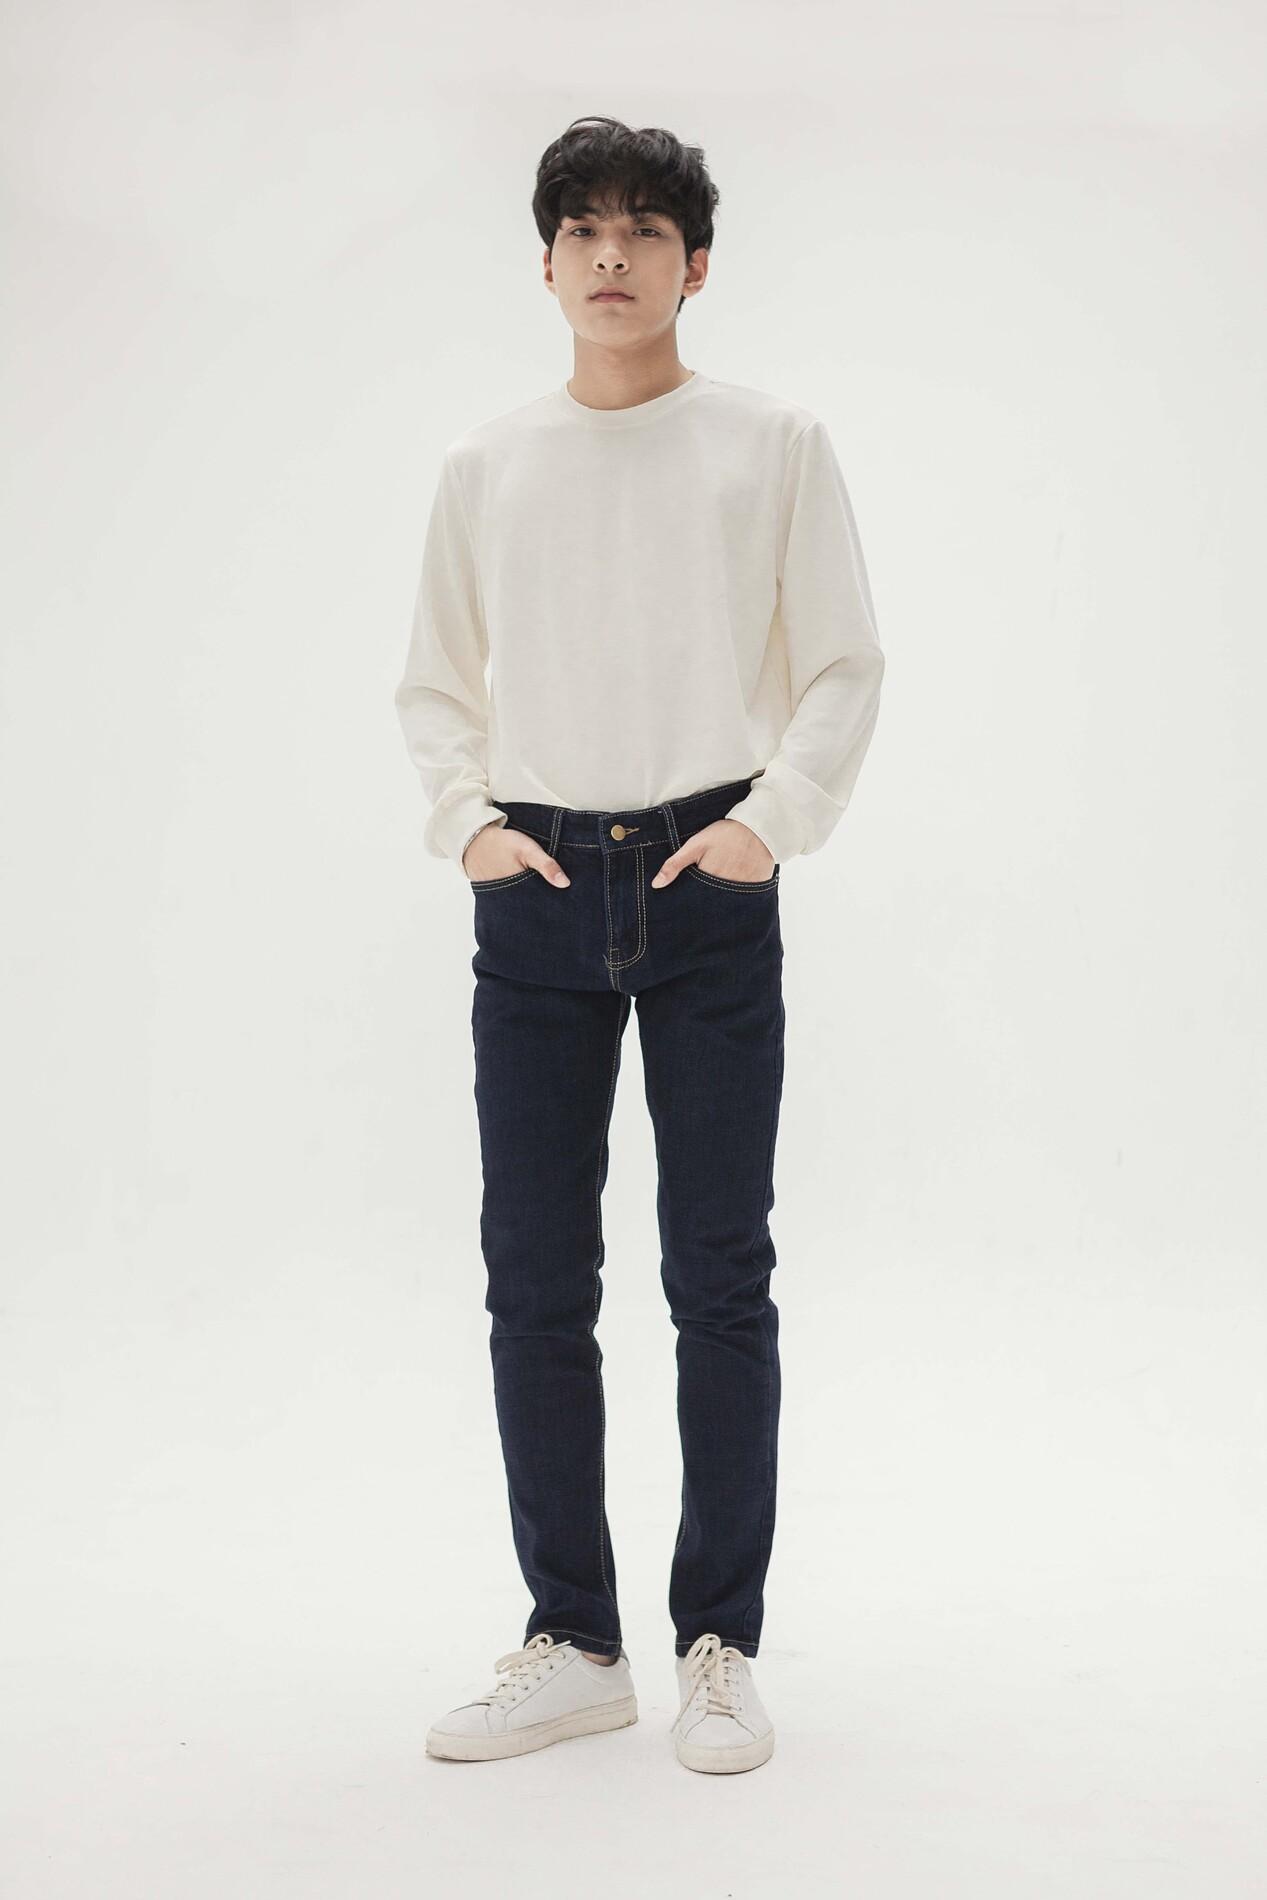 Sweater Blue Jean